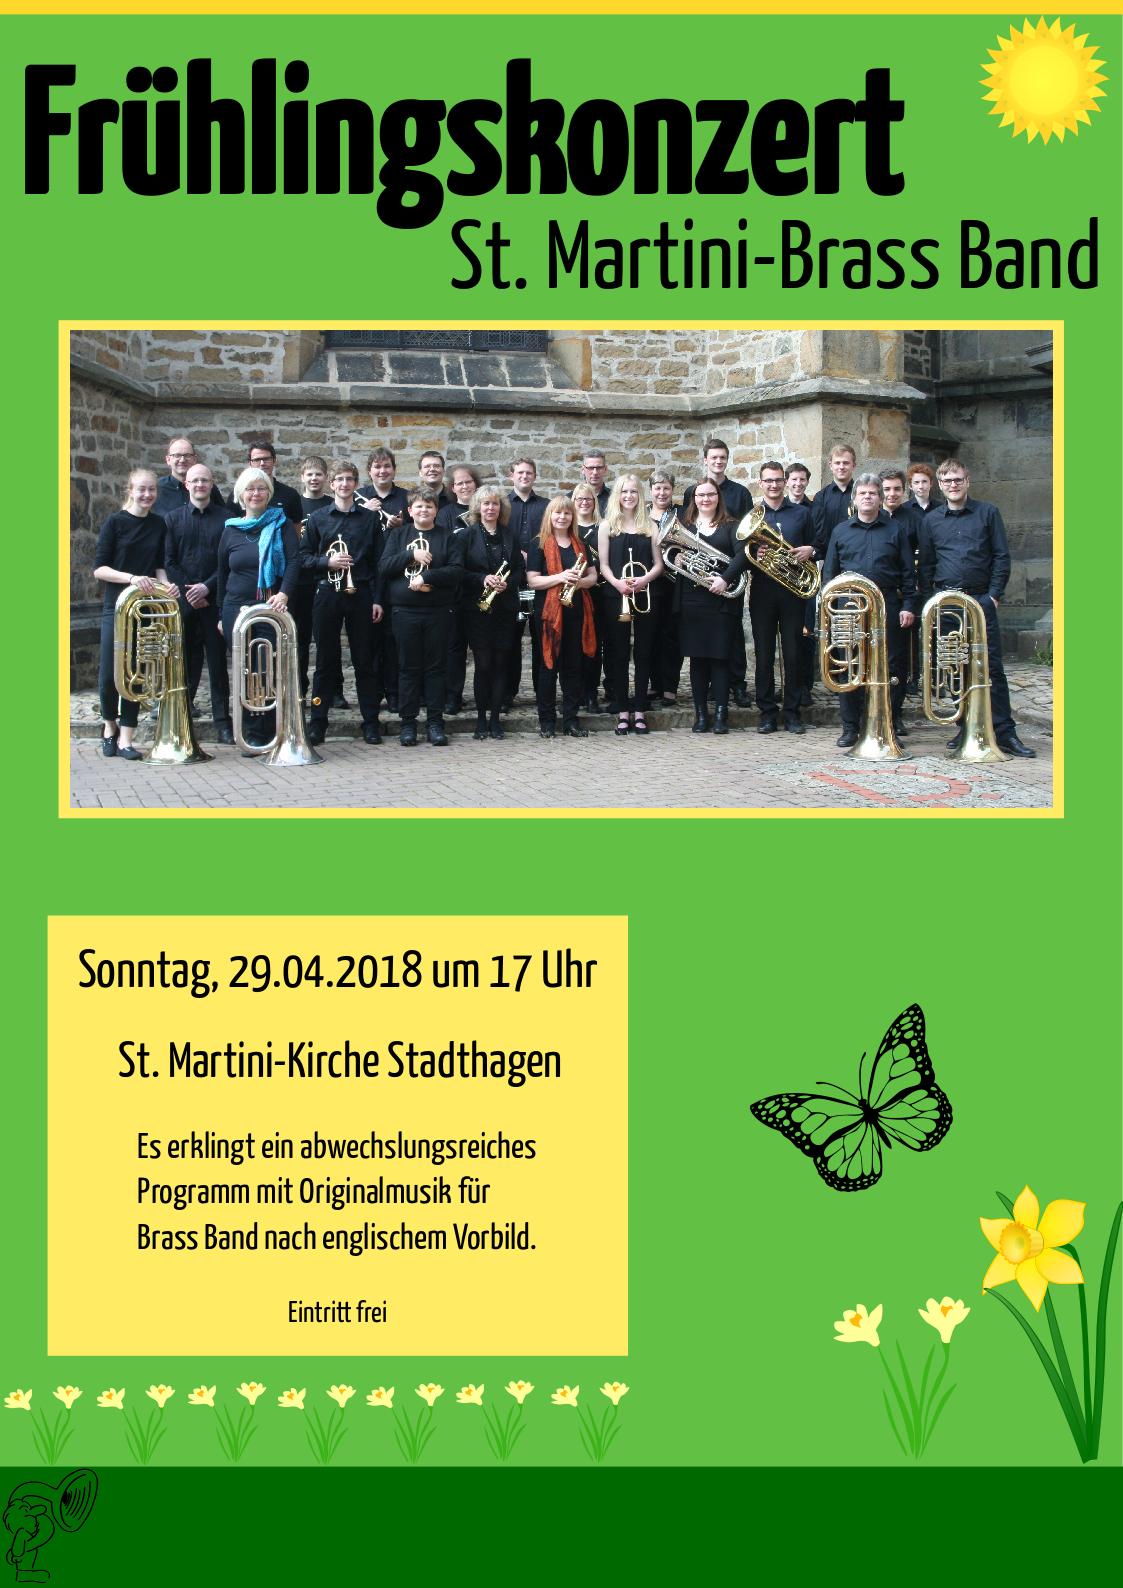 Plakat zum Frühlingskonzert der Brass Band 2018